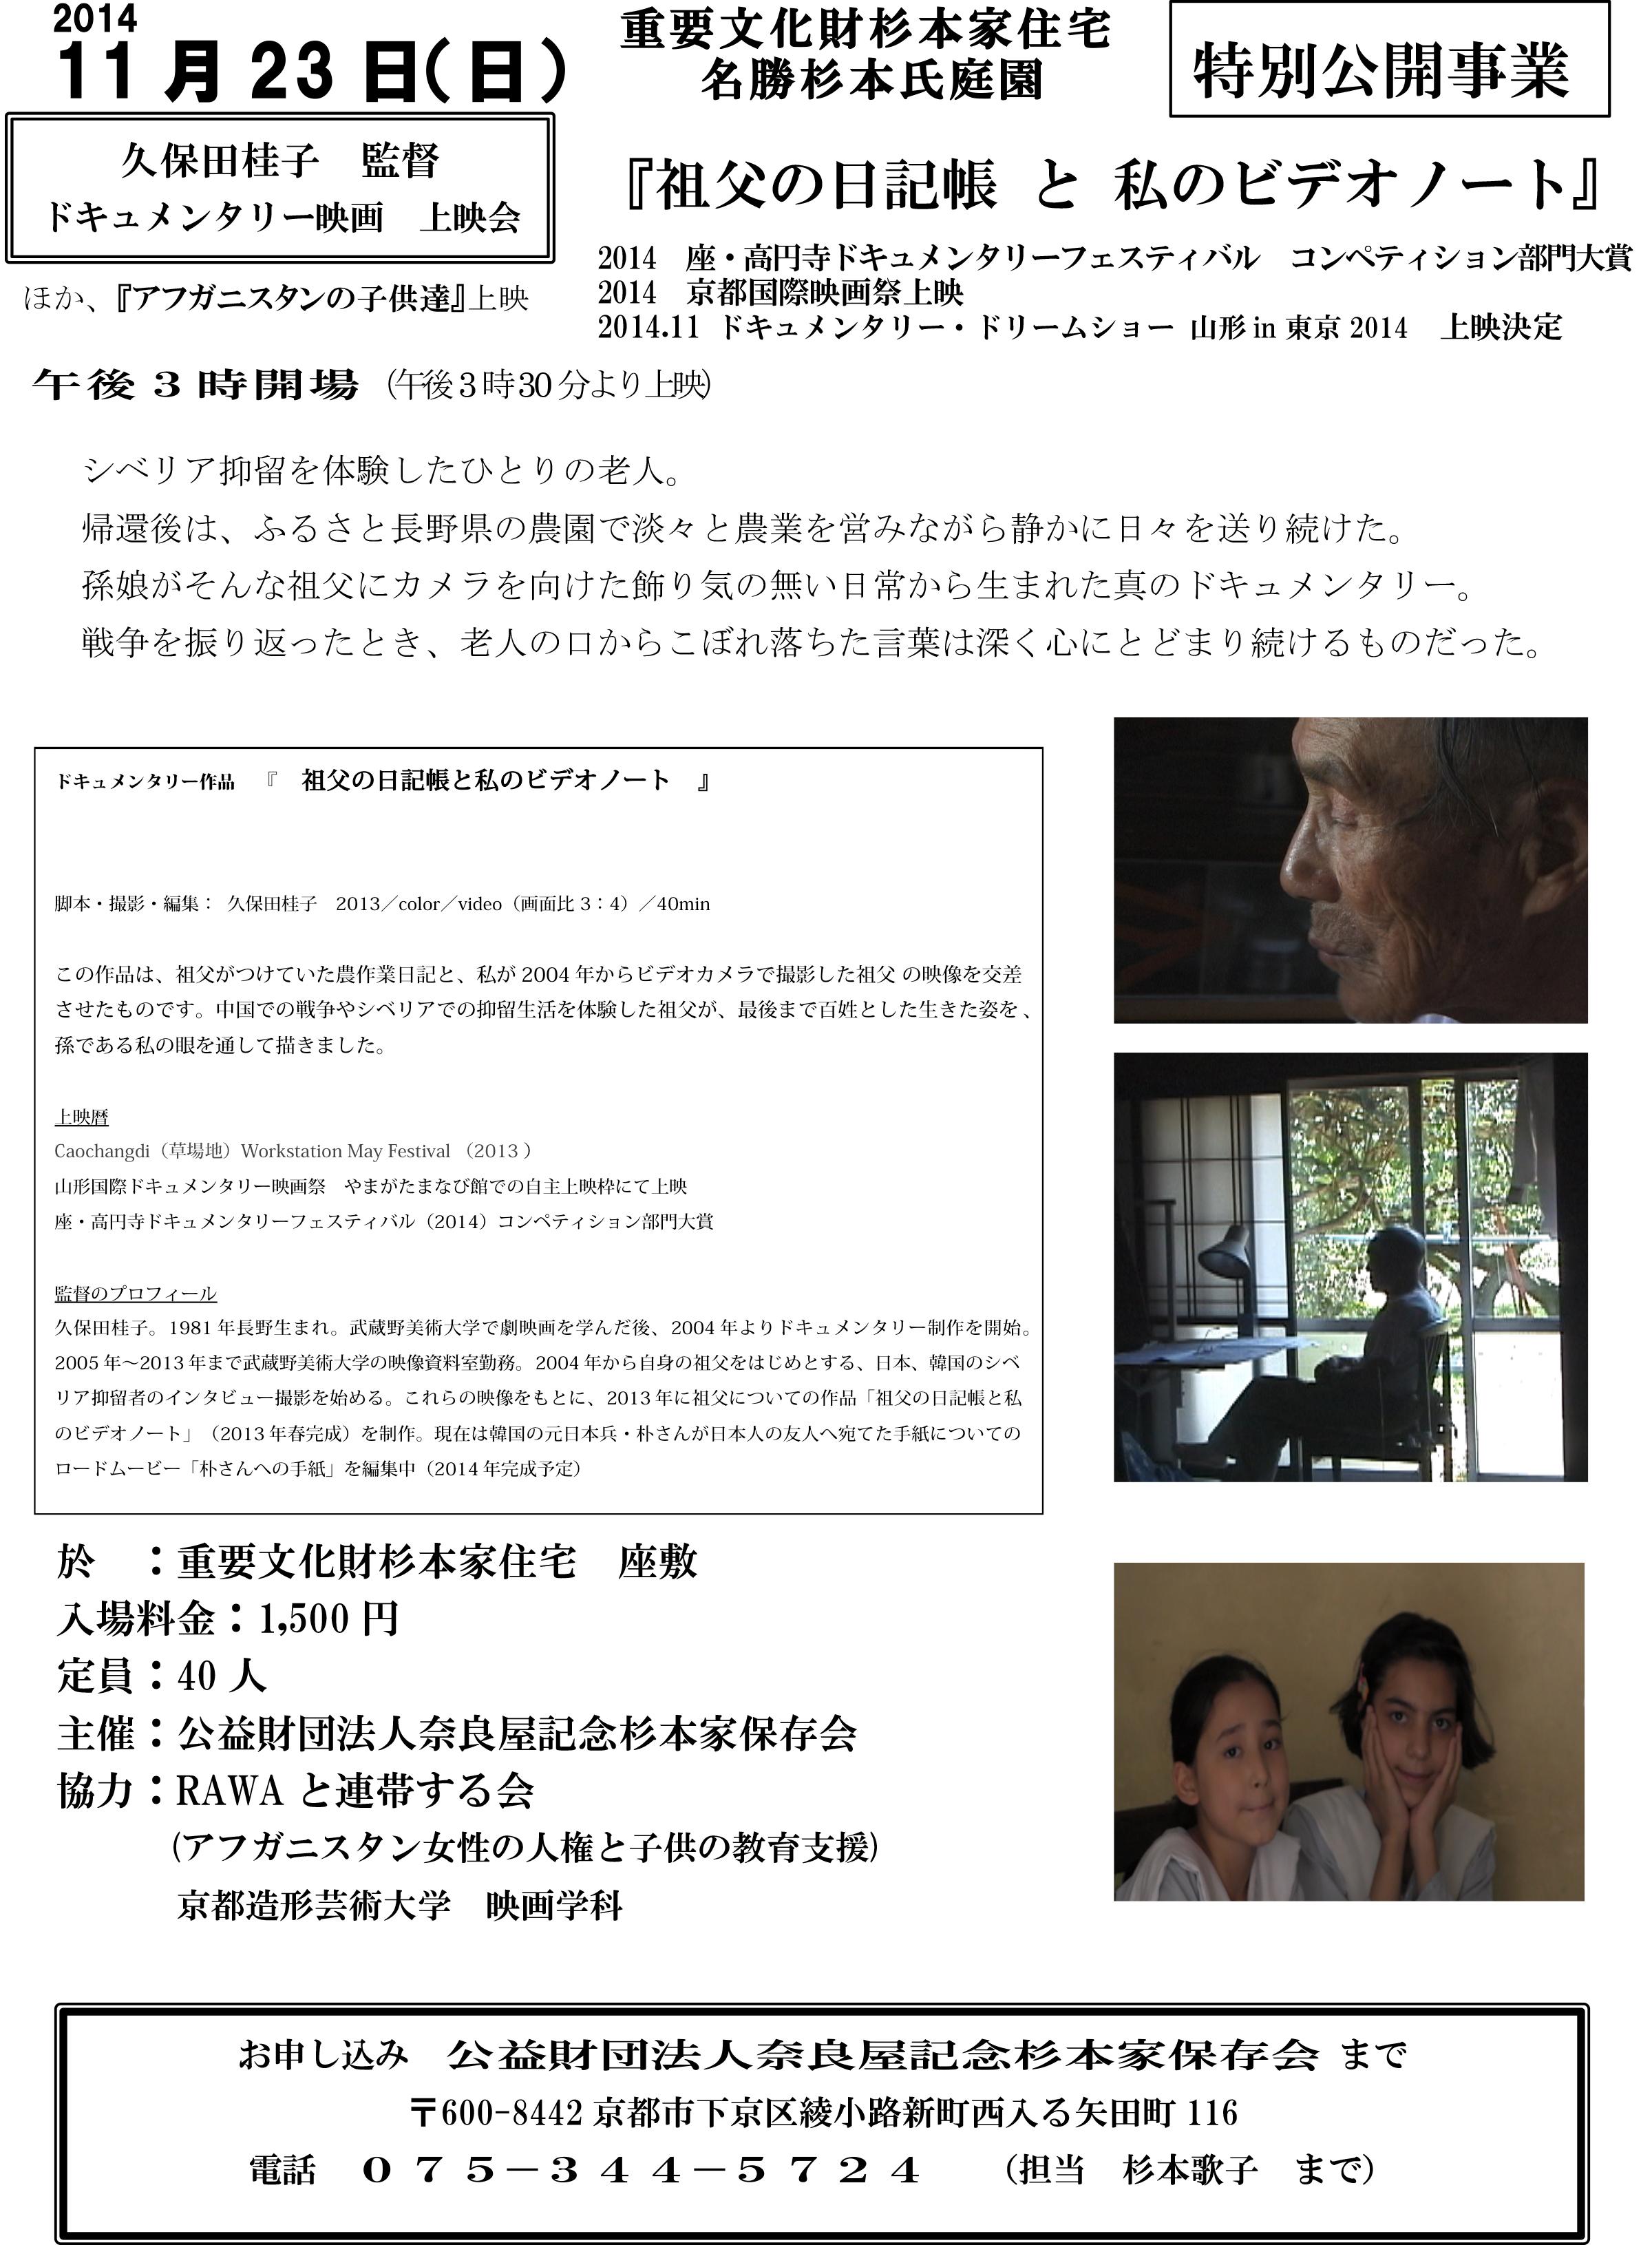 【映画】杉本家上映会